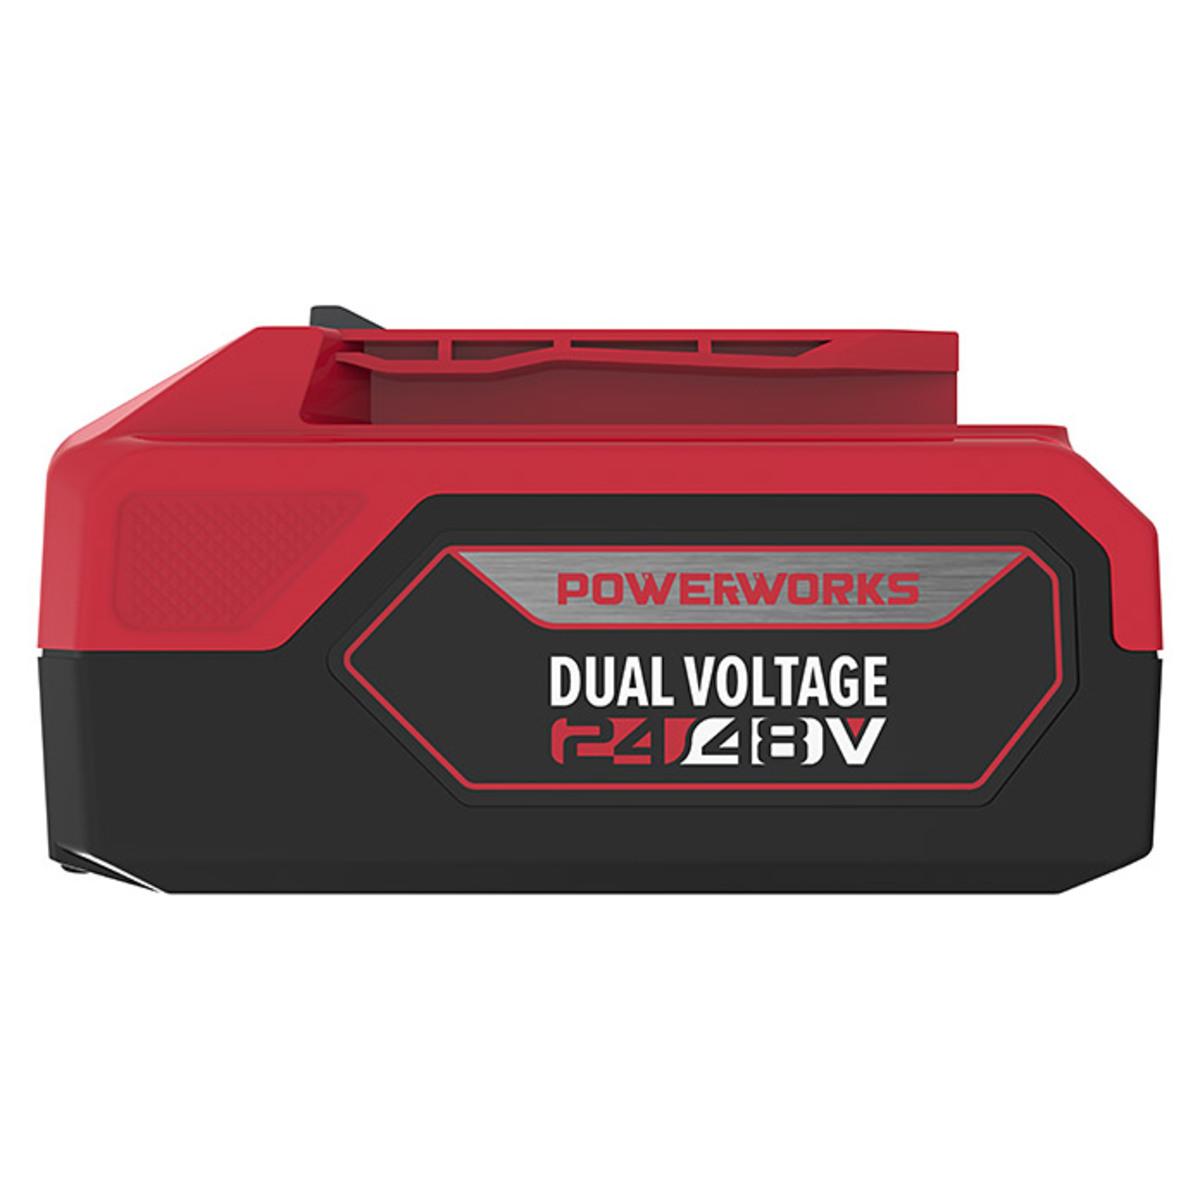 Bild 3 von Powerworks Akku P2448B2 Dual Voltage